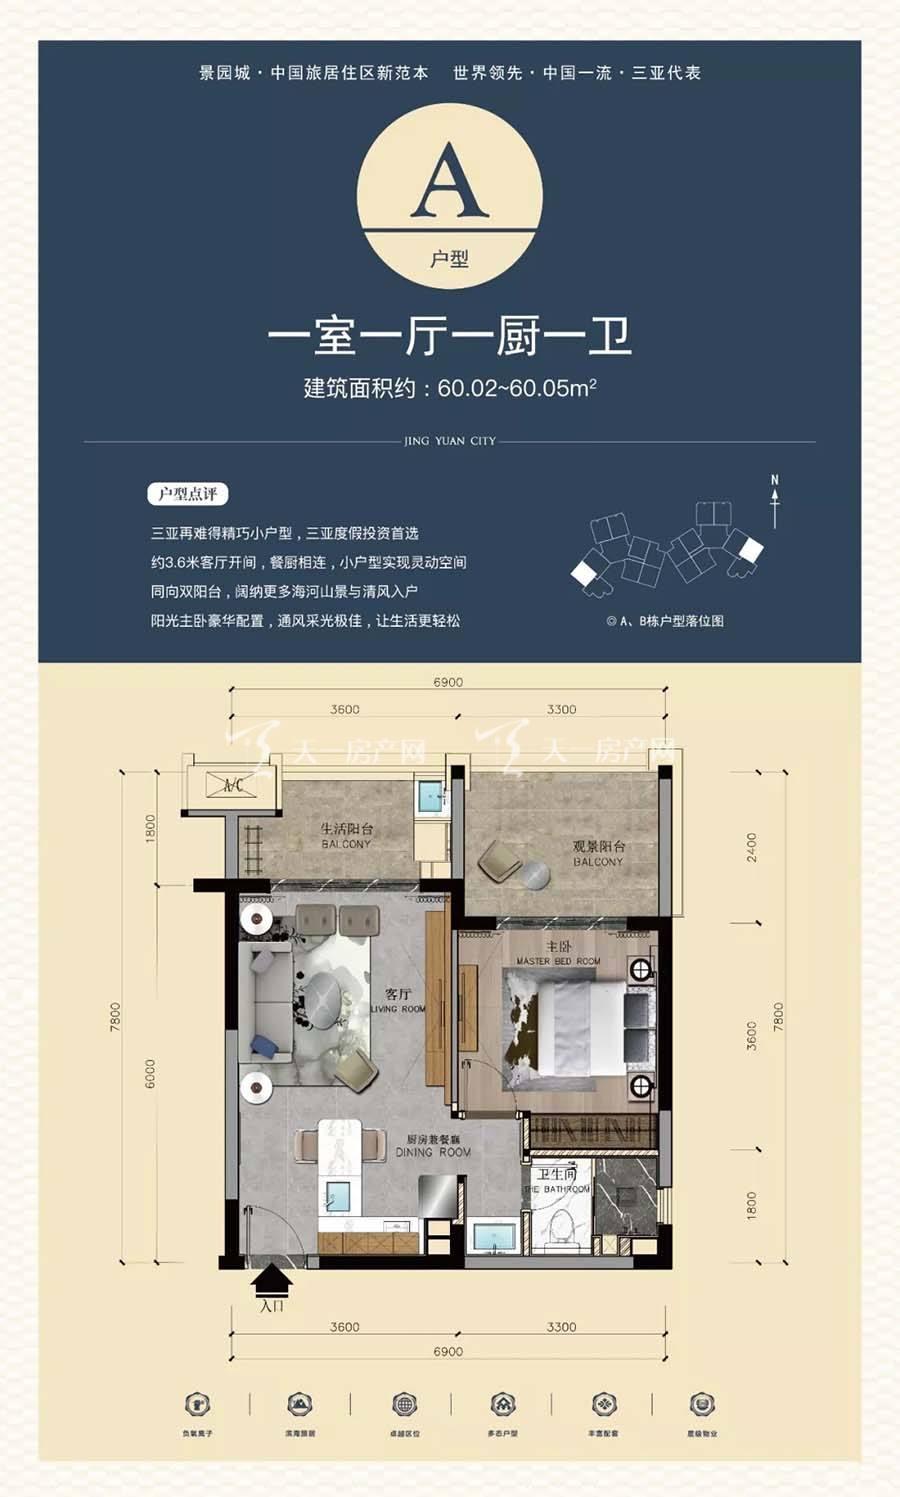 三亚景园城A户型/1室1厅1厨1卫/建筑面积:约60.02-60.05m²